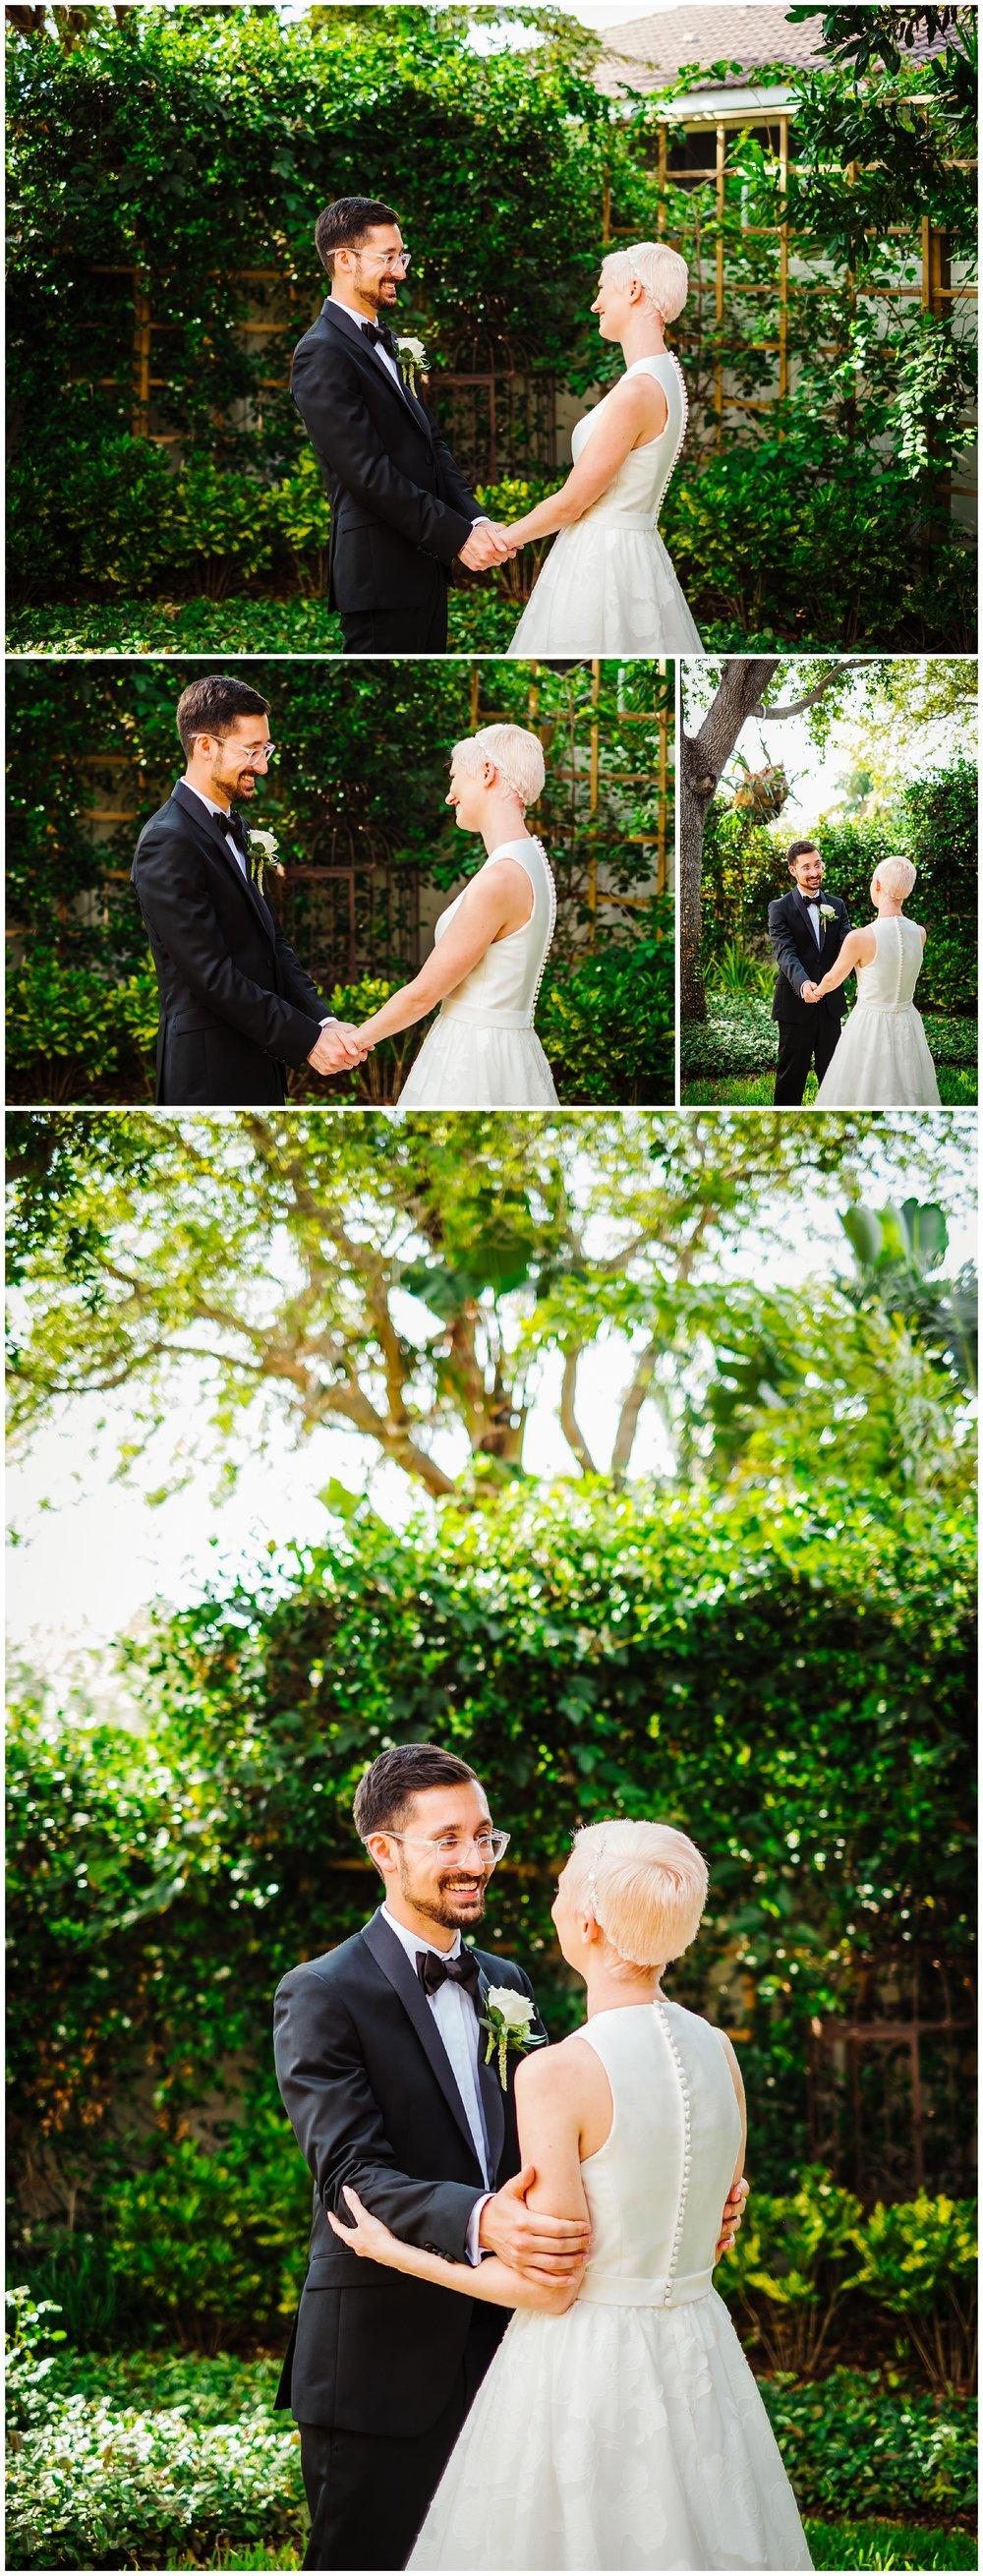 tierra-verde-st-pete-florida-home-luxury-wedding-greenery-pink-pixie-bride_0025.jpg